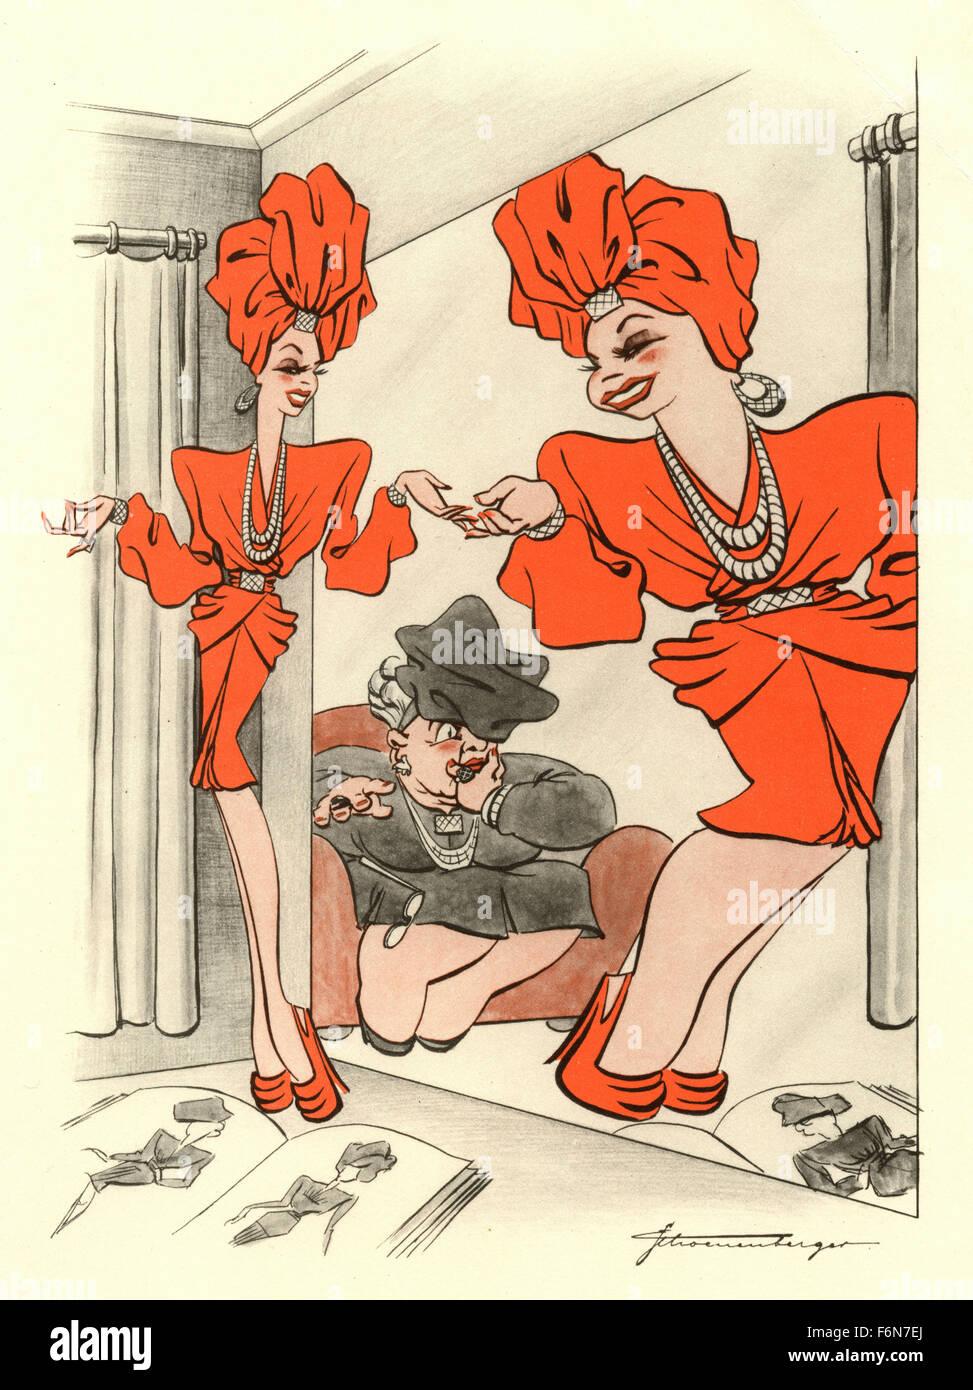 Illustrations satiriques allemand 1950: femme dans le miroir Photo Stock